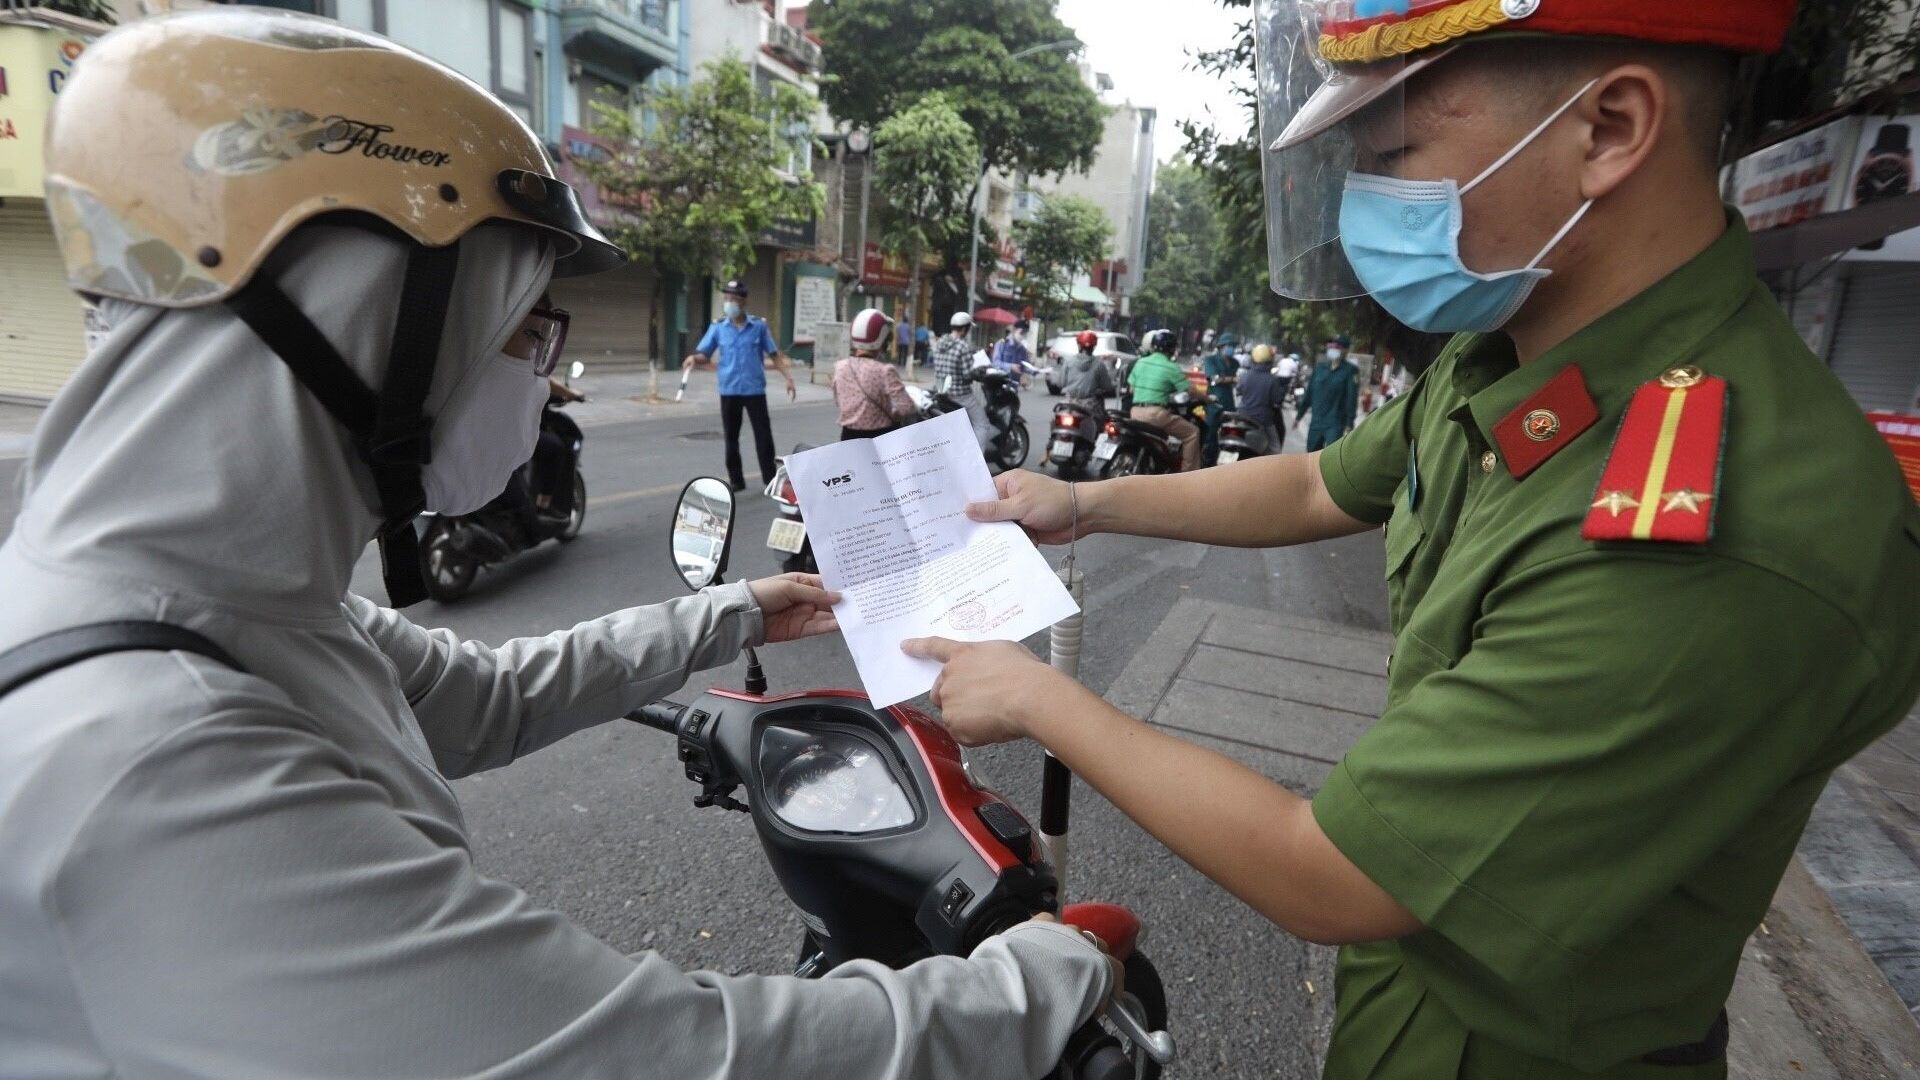 Hà Nội siết chặt cấp và sử dụng giấy đi đường trong thời gian thực hiện giãn cách xã hội - Sputnik Việt Nam, 1920, 09.08.2021